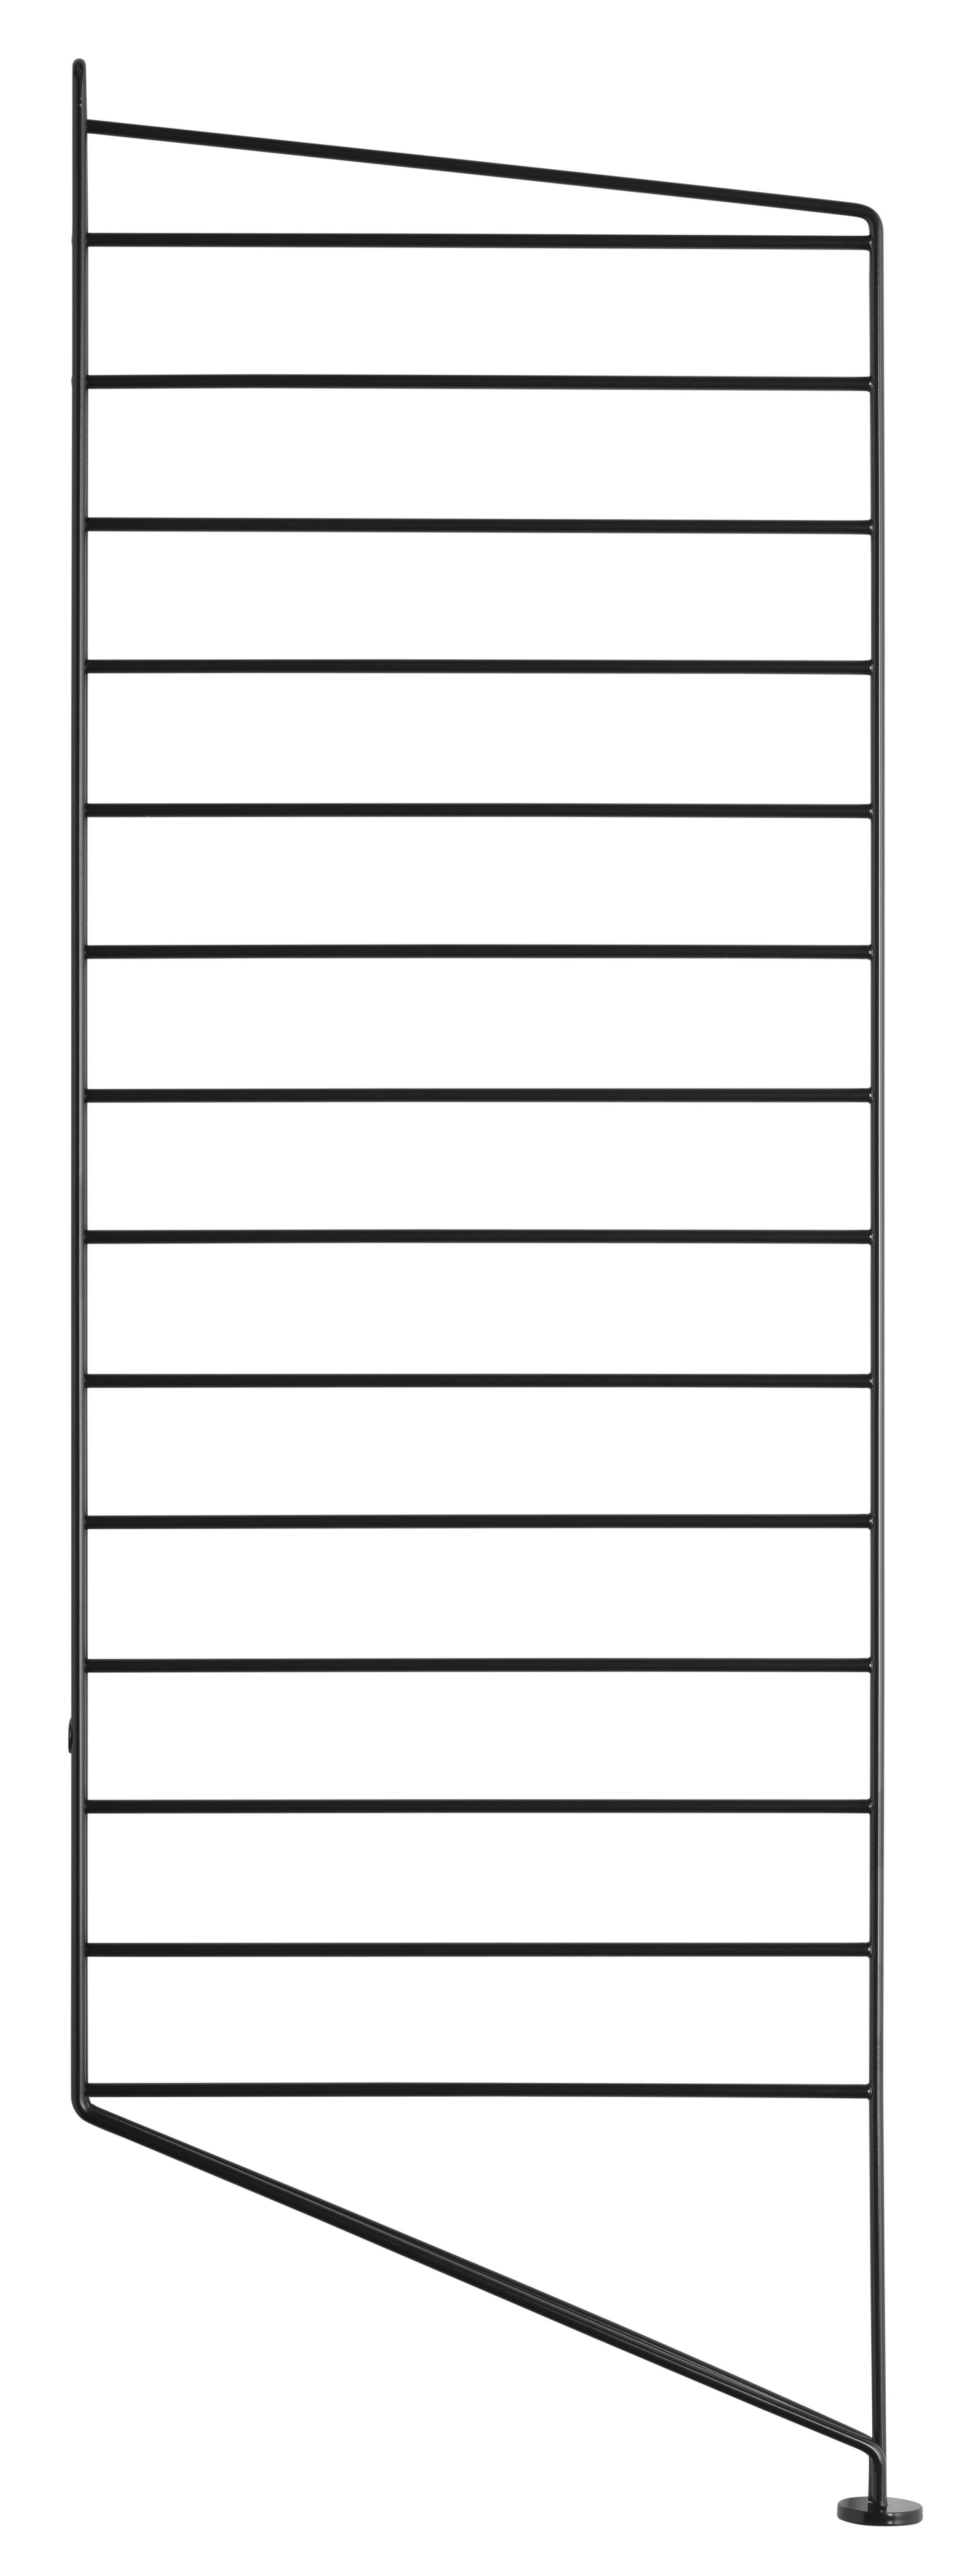 Möbel - Regale und Bücherregale - String system Seitenelement / zum Hinstellen - String Furniture - Schwarz - lackierter Stahl